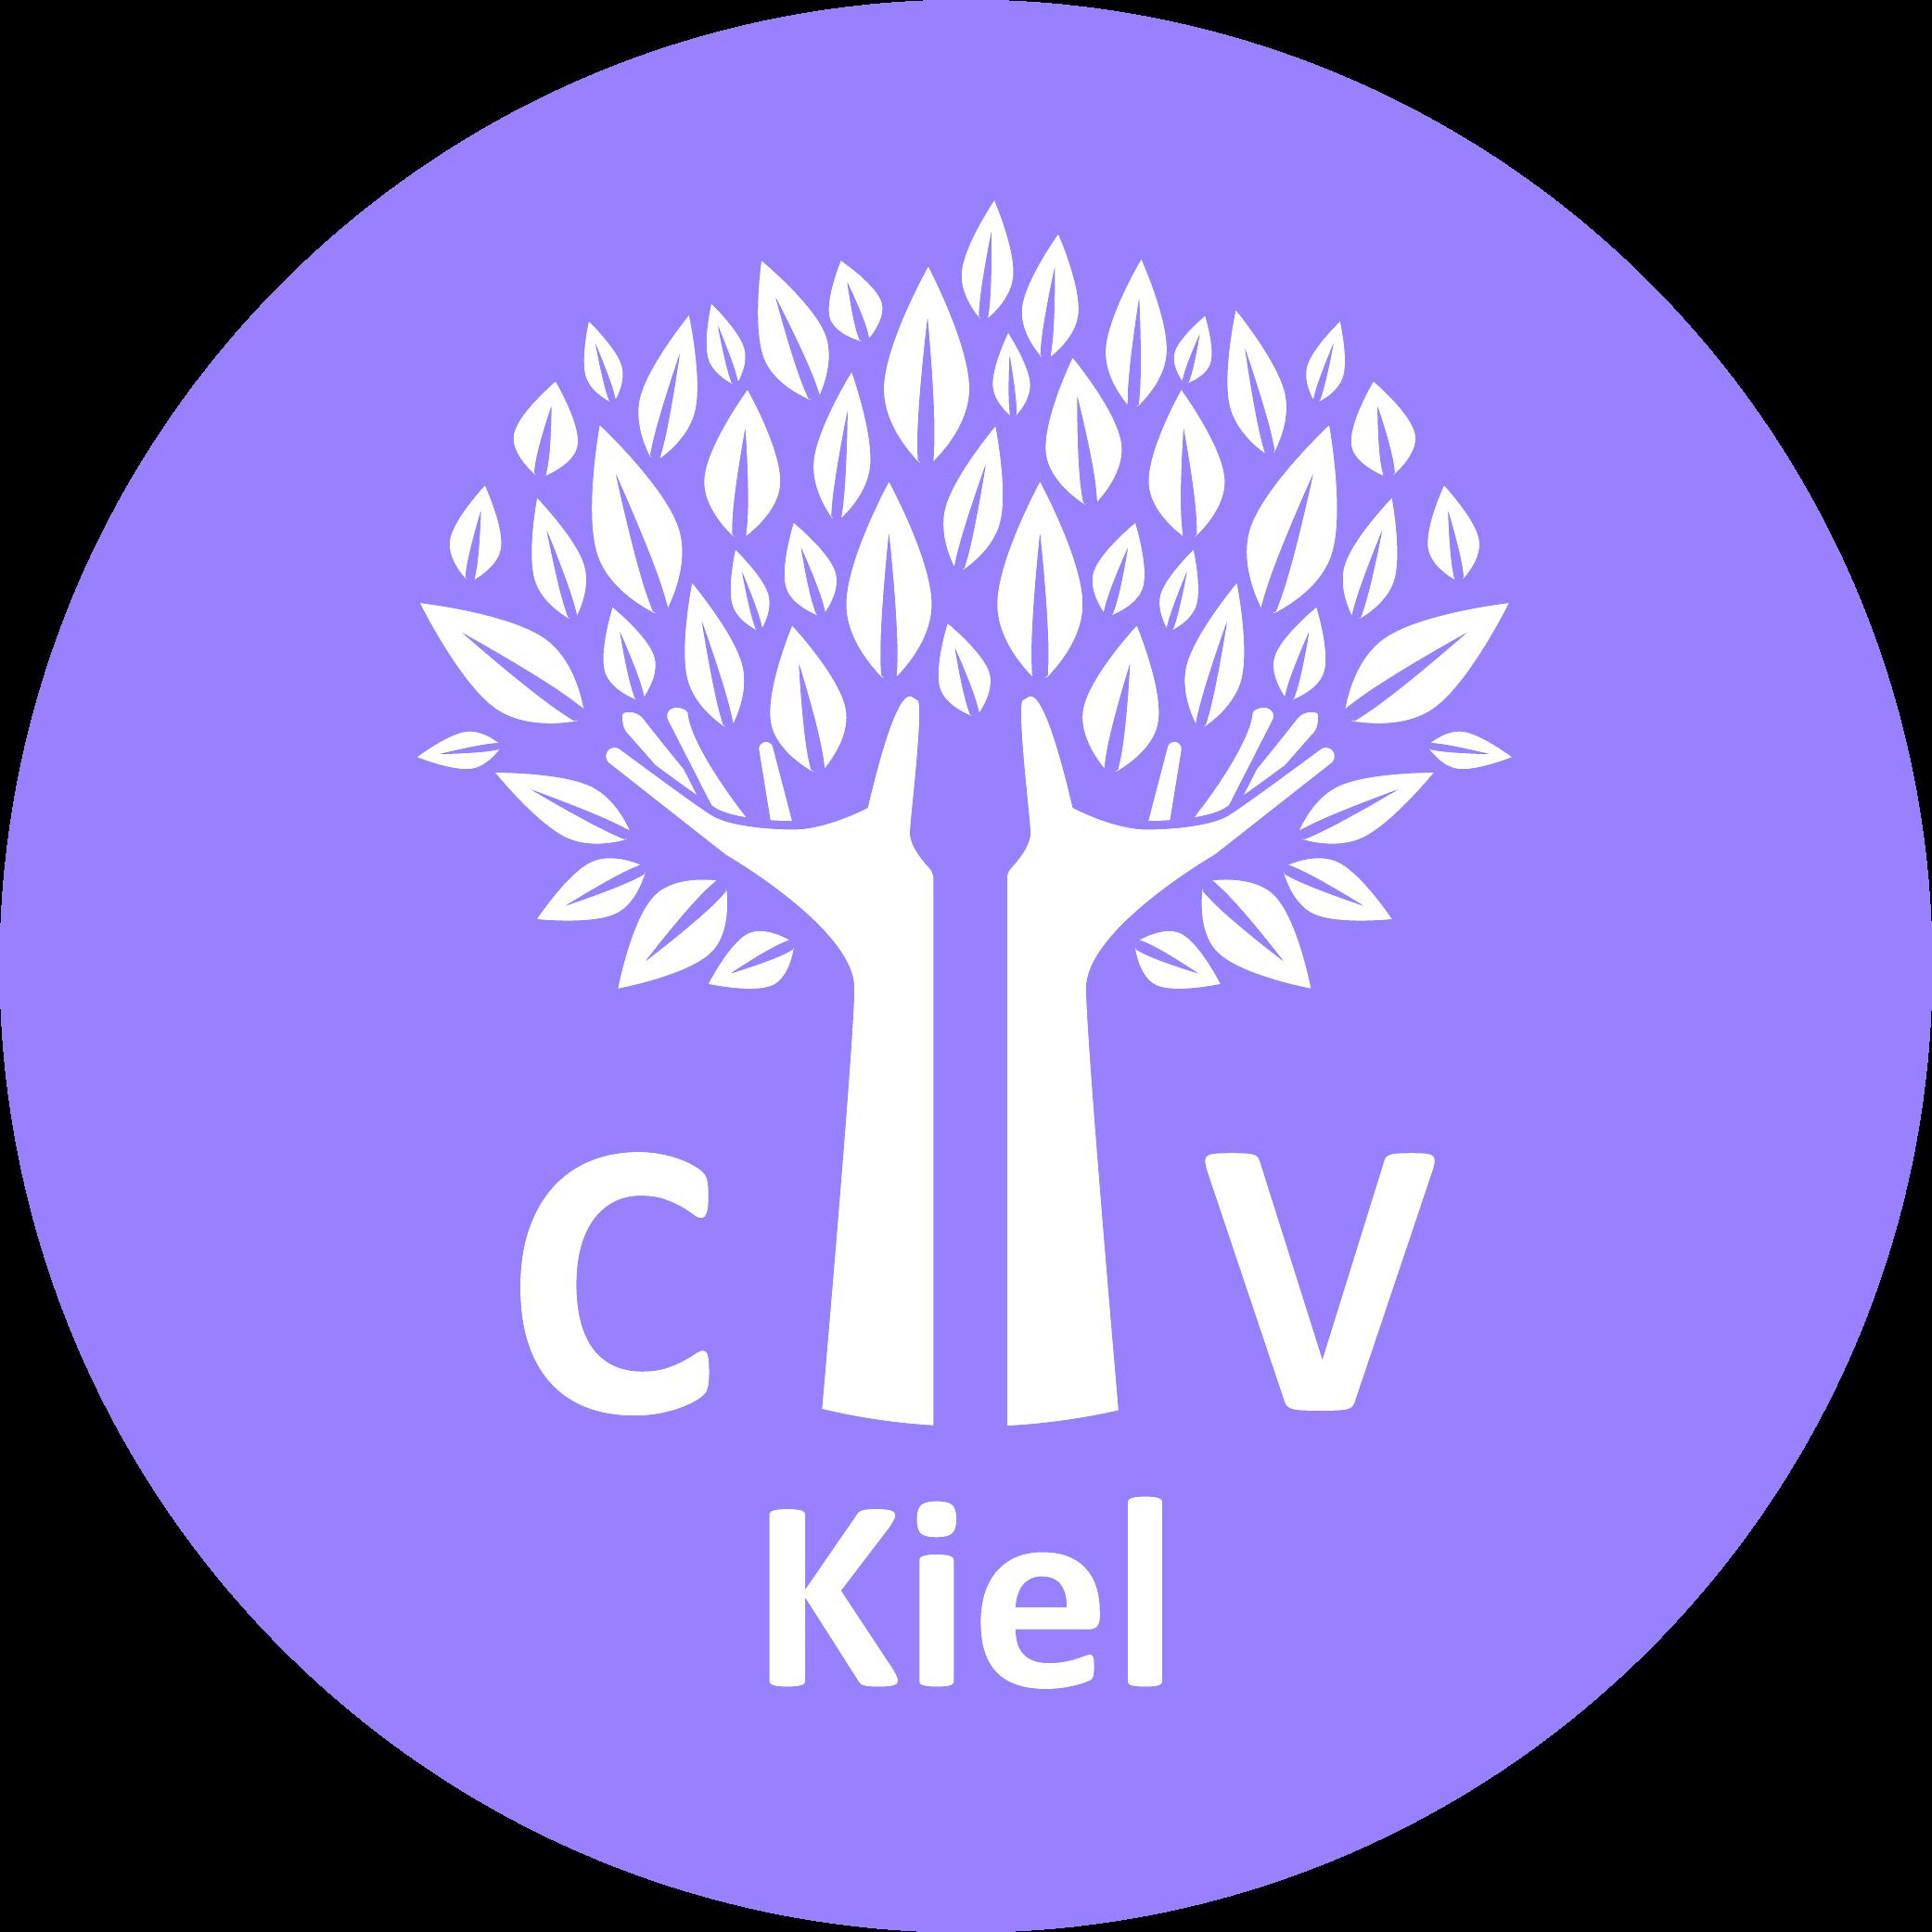 CV Kiel